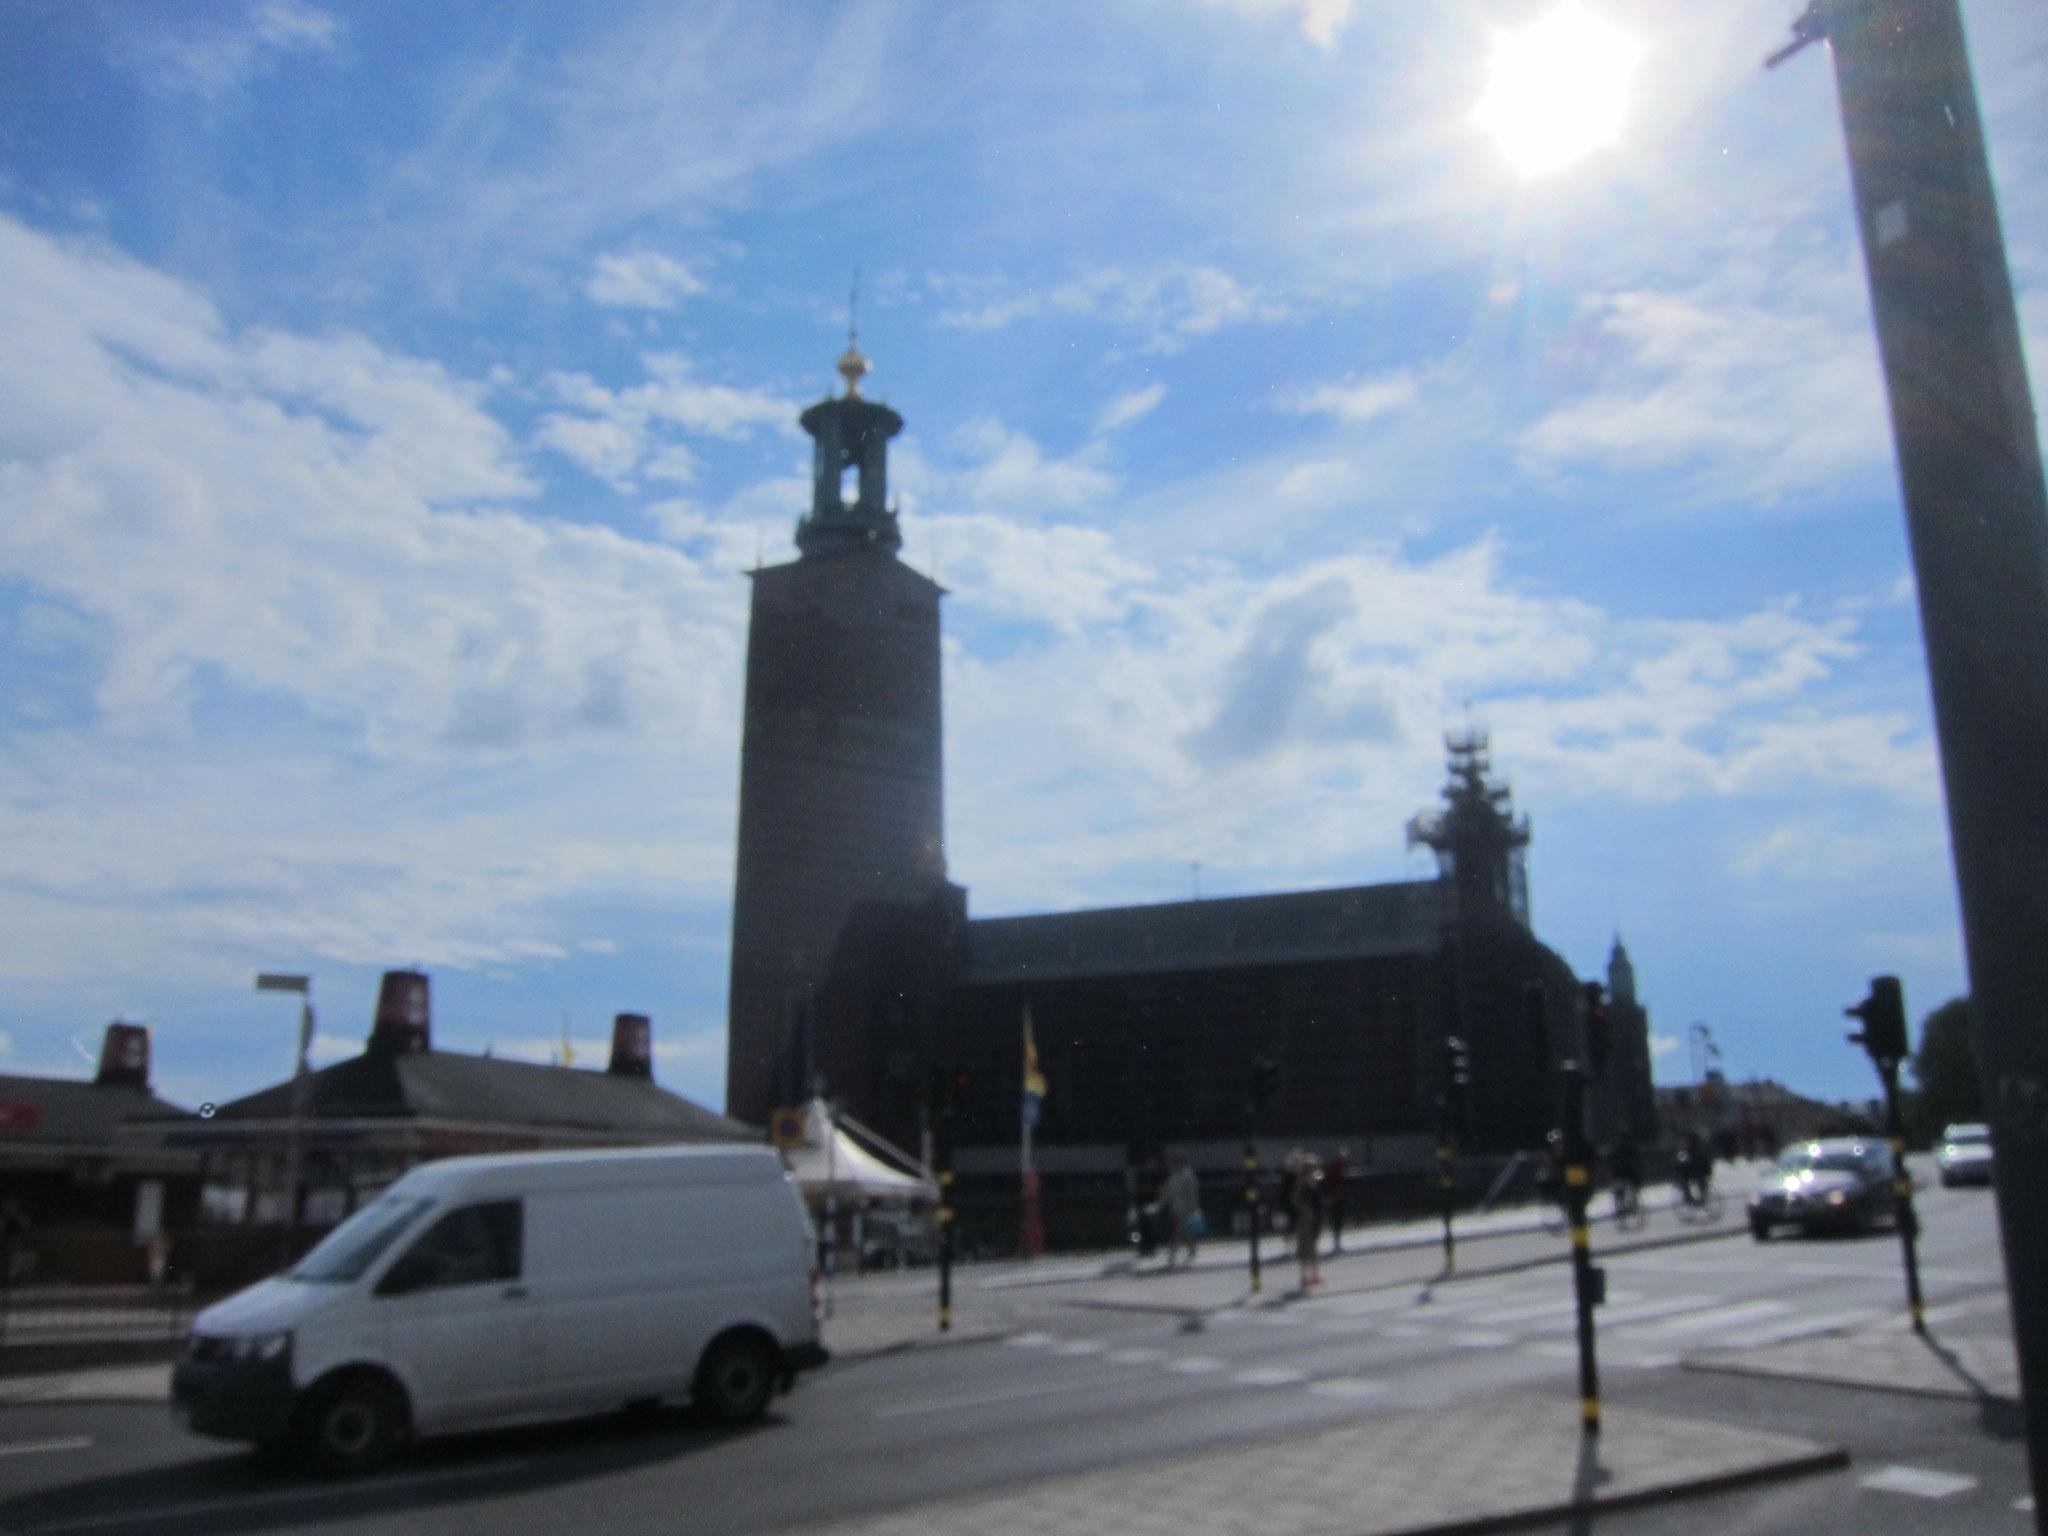 こちらはノーベル賞の授賞式が行われるストックホルム市庁舎